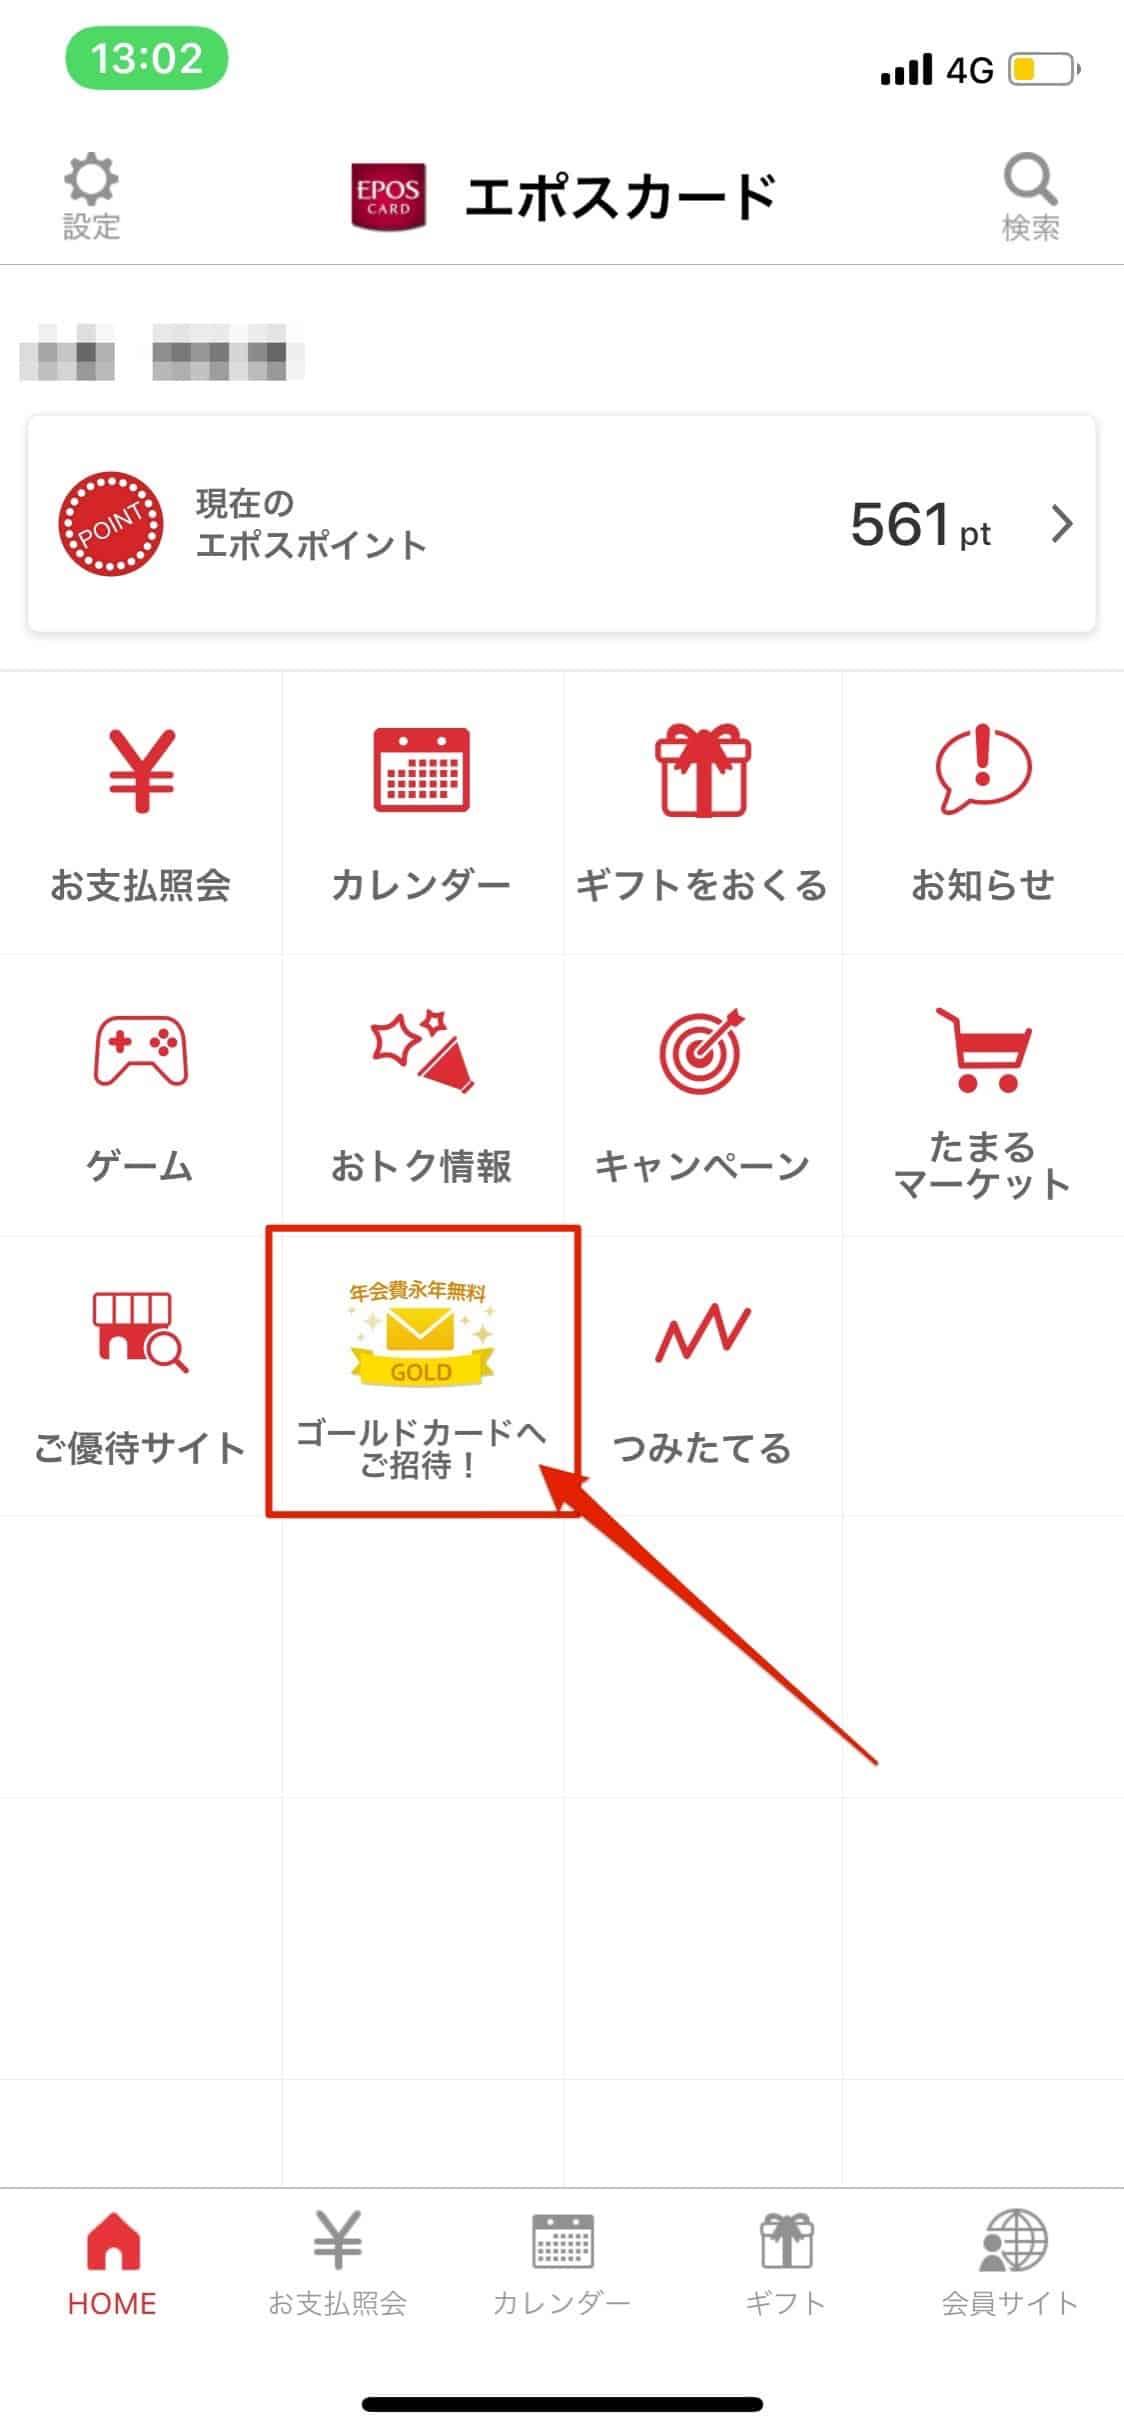 エポスアプリに届くゴールドのインビテーション